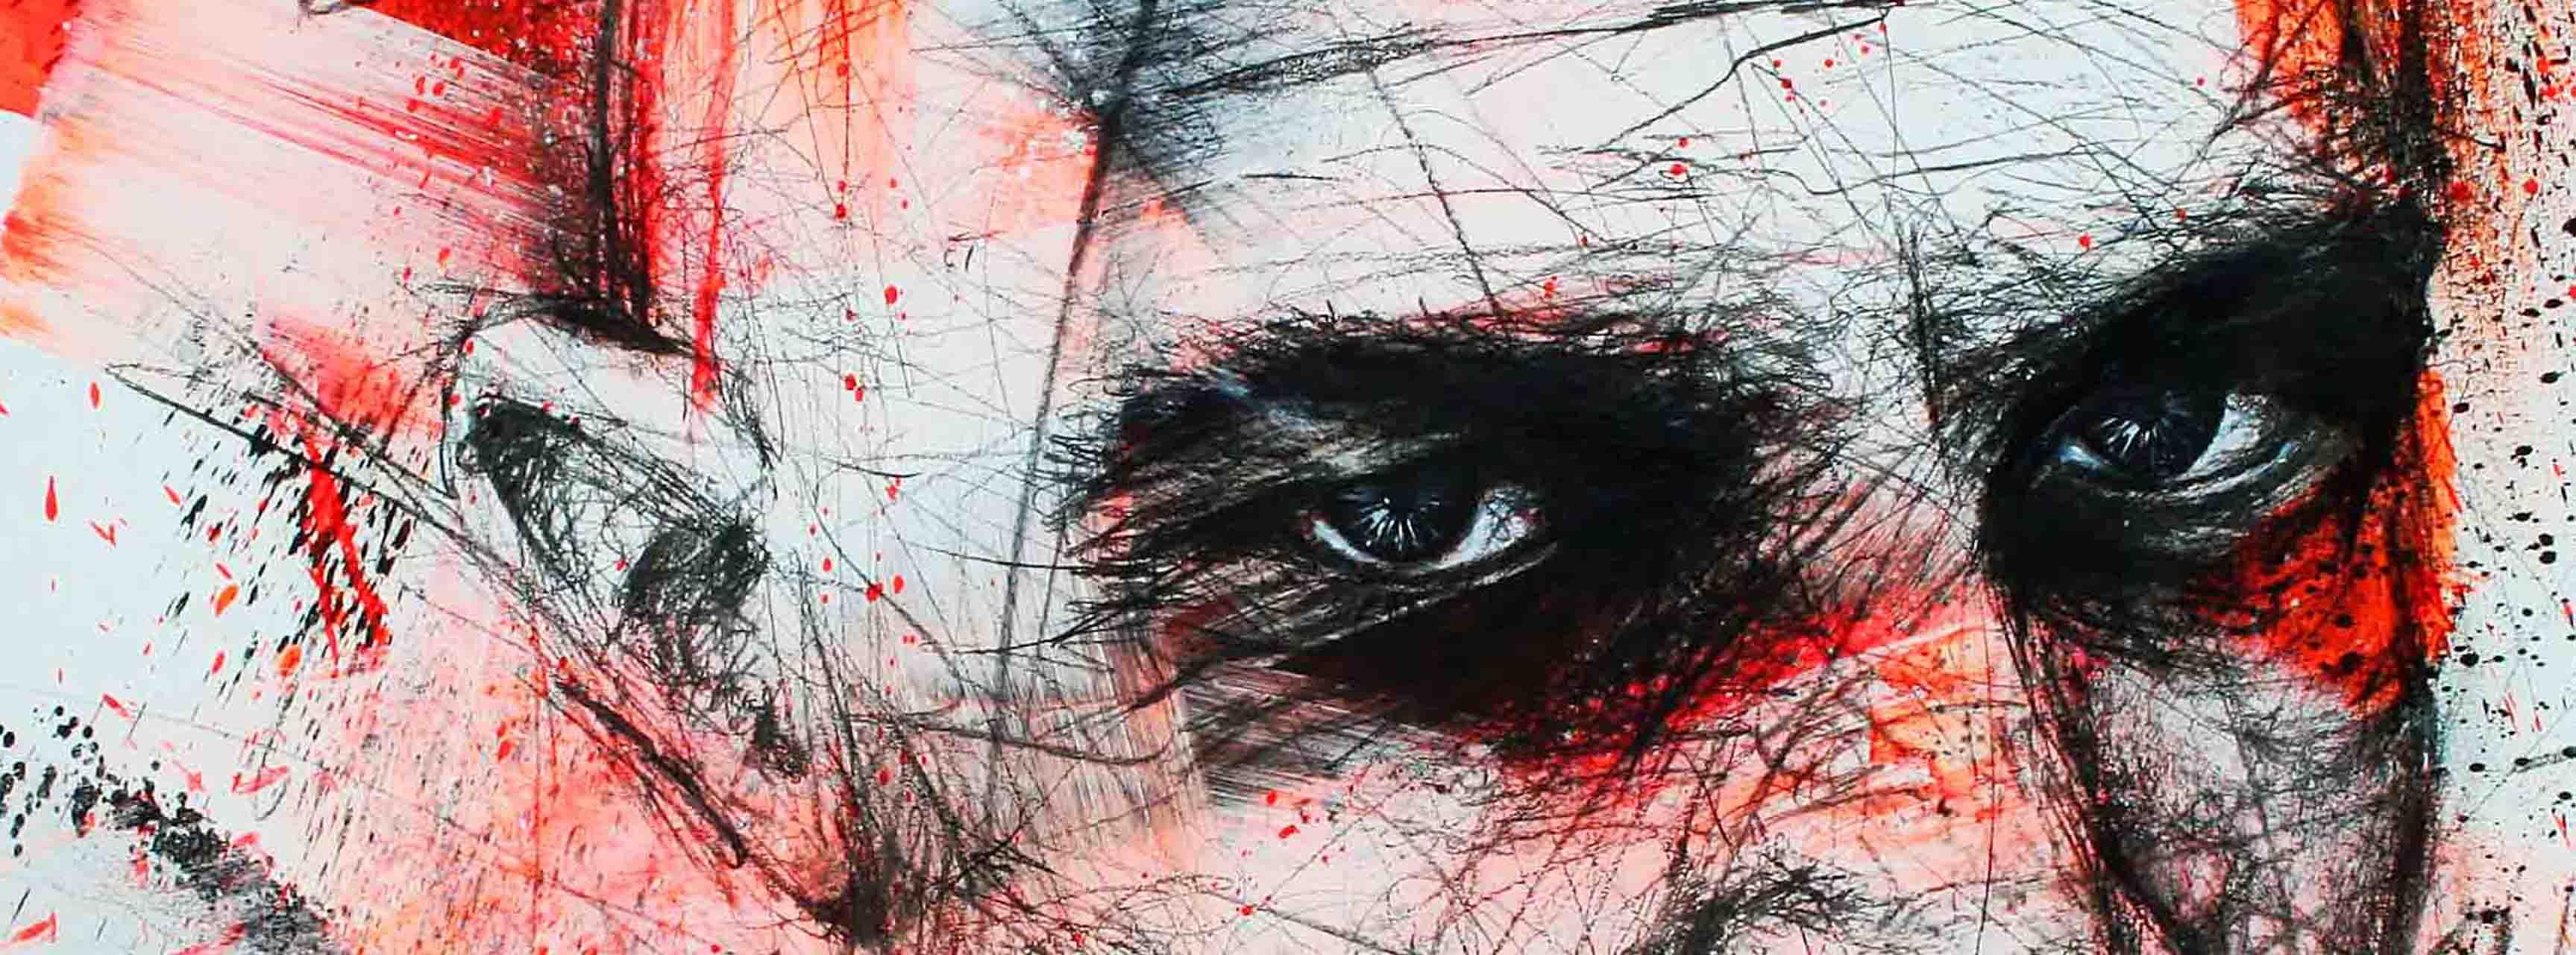 portrait de bronson ou tom hardy dans la collection chromophobia